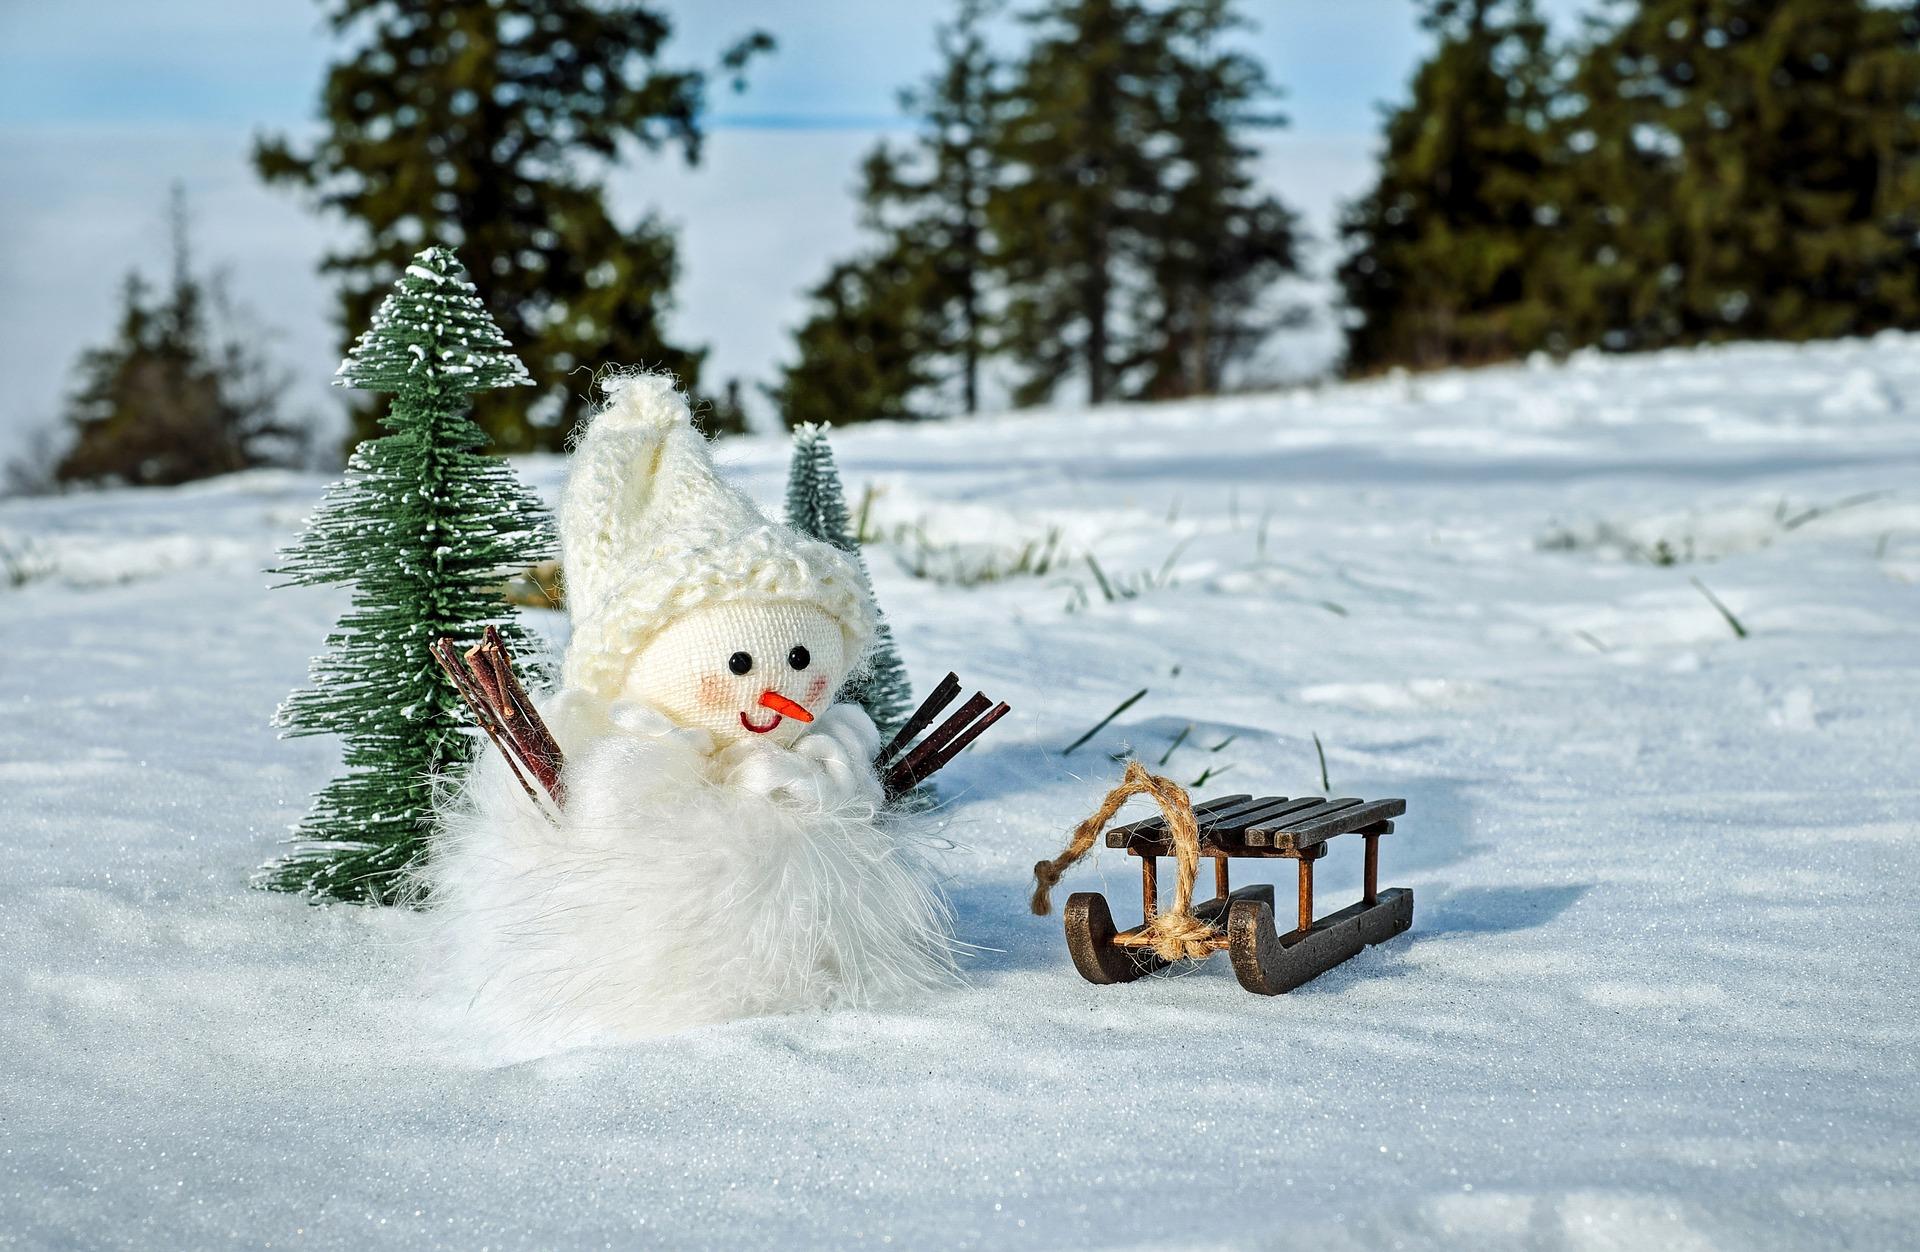 Idee Creative Per Natale idee per addobbare il giardino a natale • affitto giardino